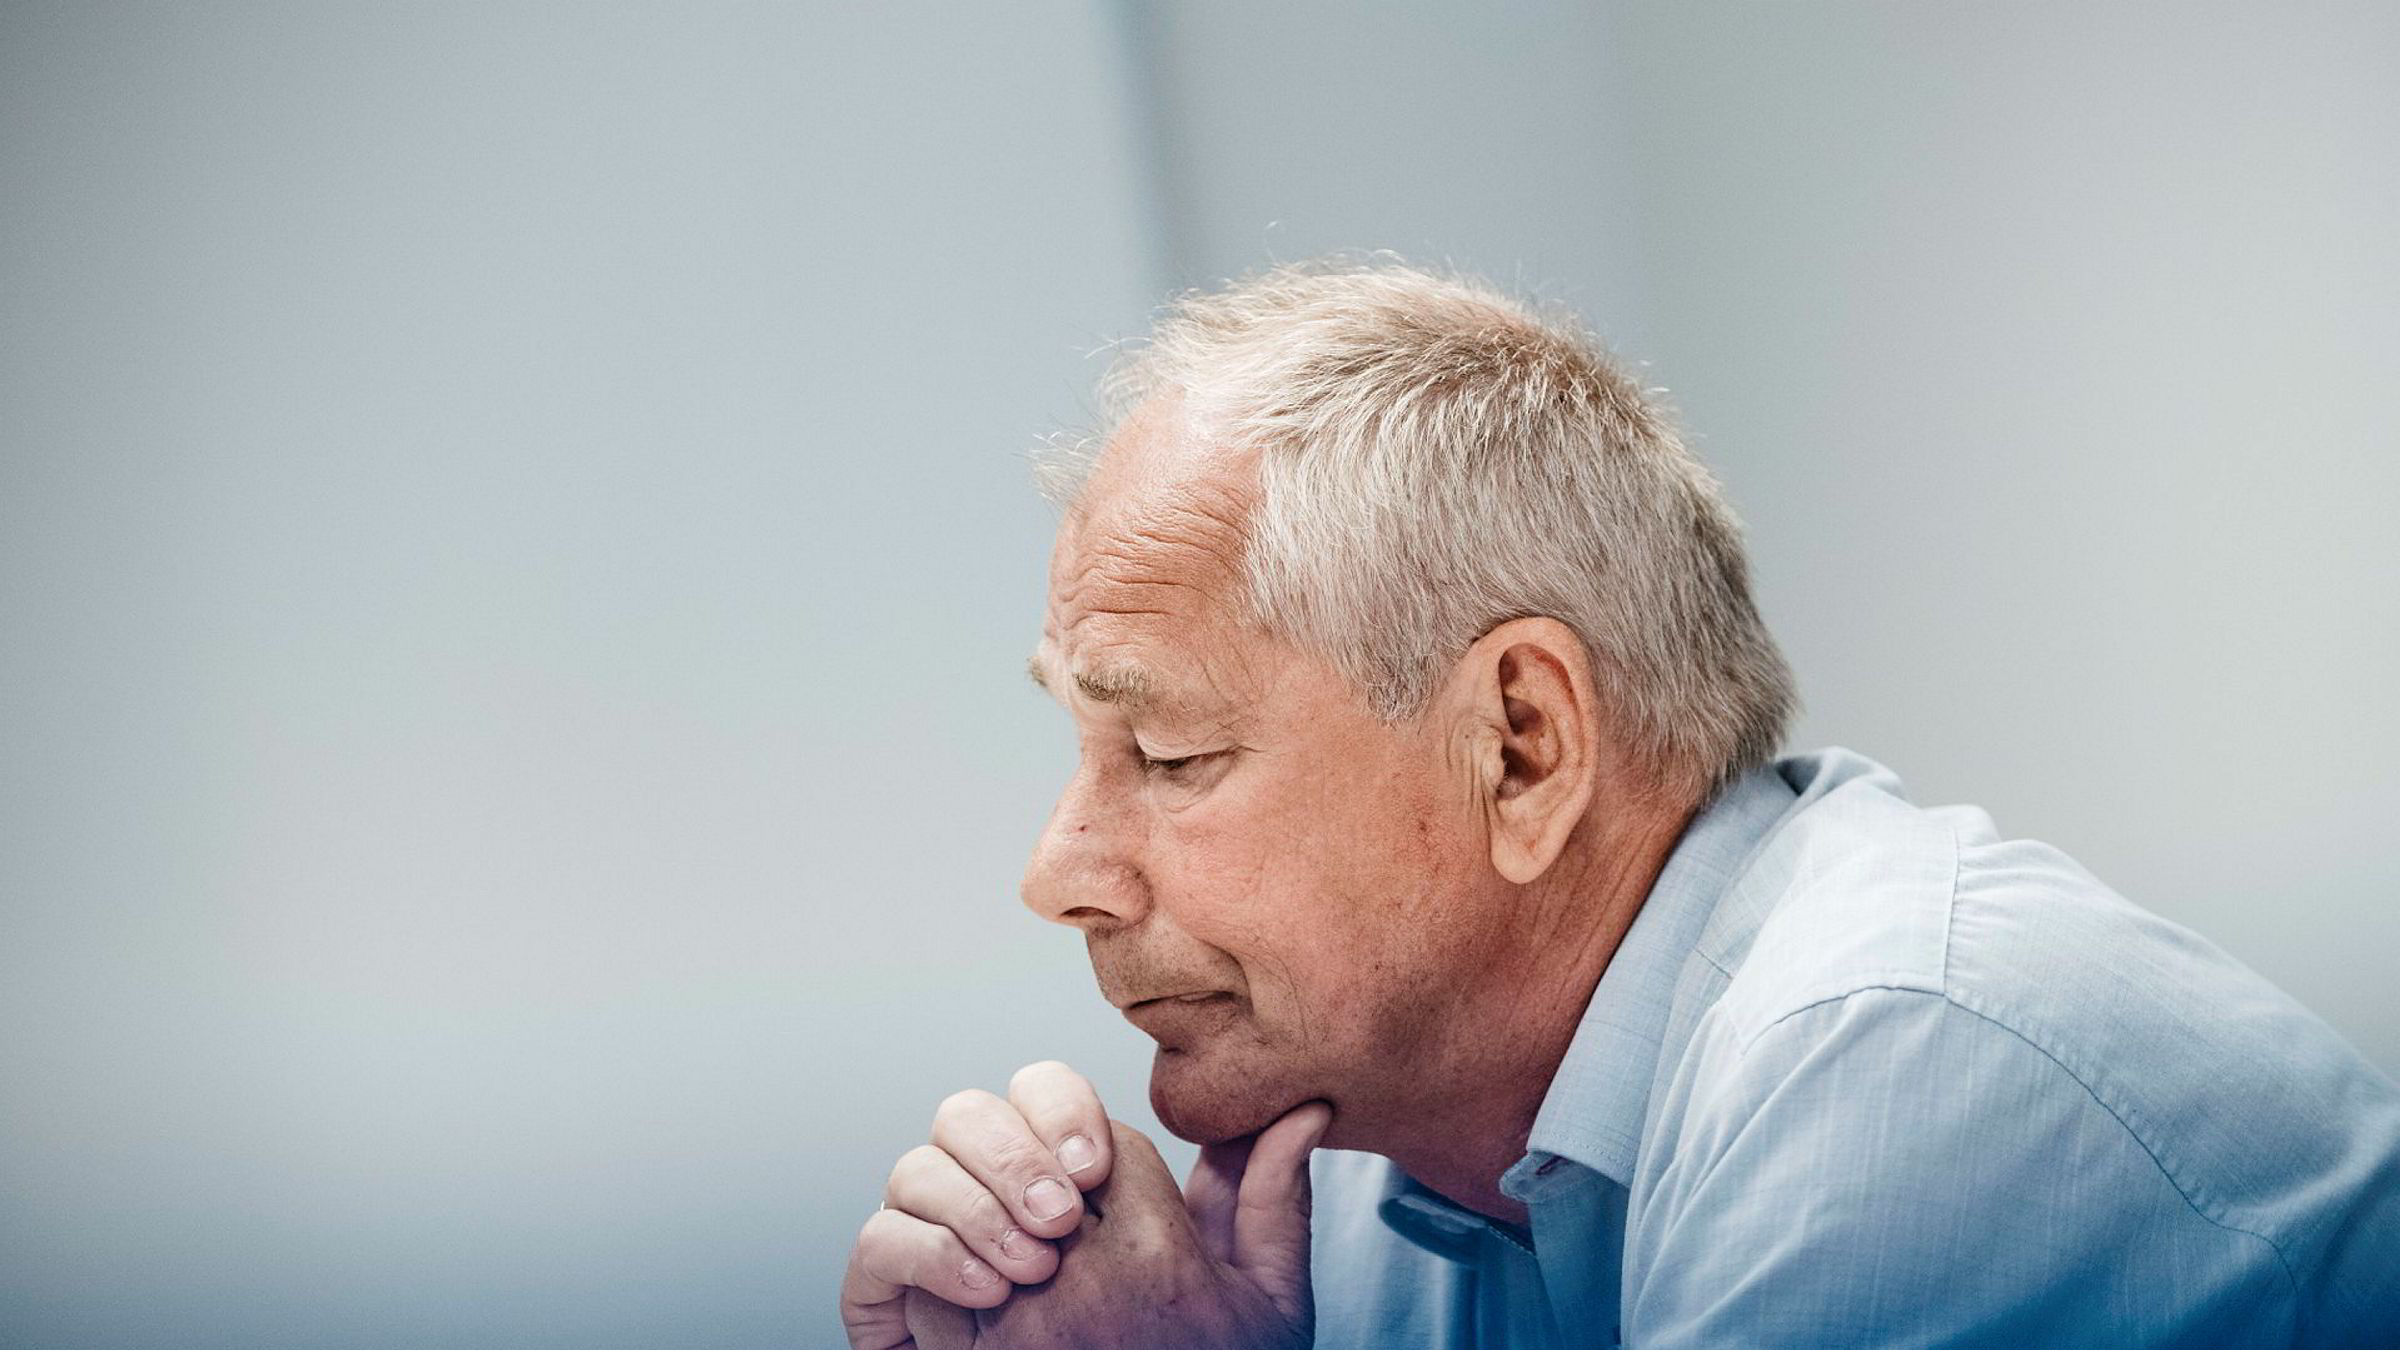 Morten Falstad driver firmaet Formueforsikring. Han har vært i kontakt med flere kunder hos Indigo Finans og prøver nå å hjelpe dem med å få solgt de gjenværende verdiene. Falstad har kontor i kjøpesenteret Saga 2 som eies av kunder i Indigo Finans.